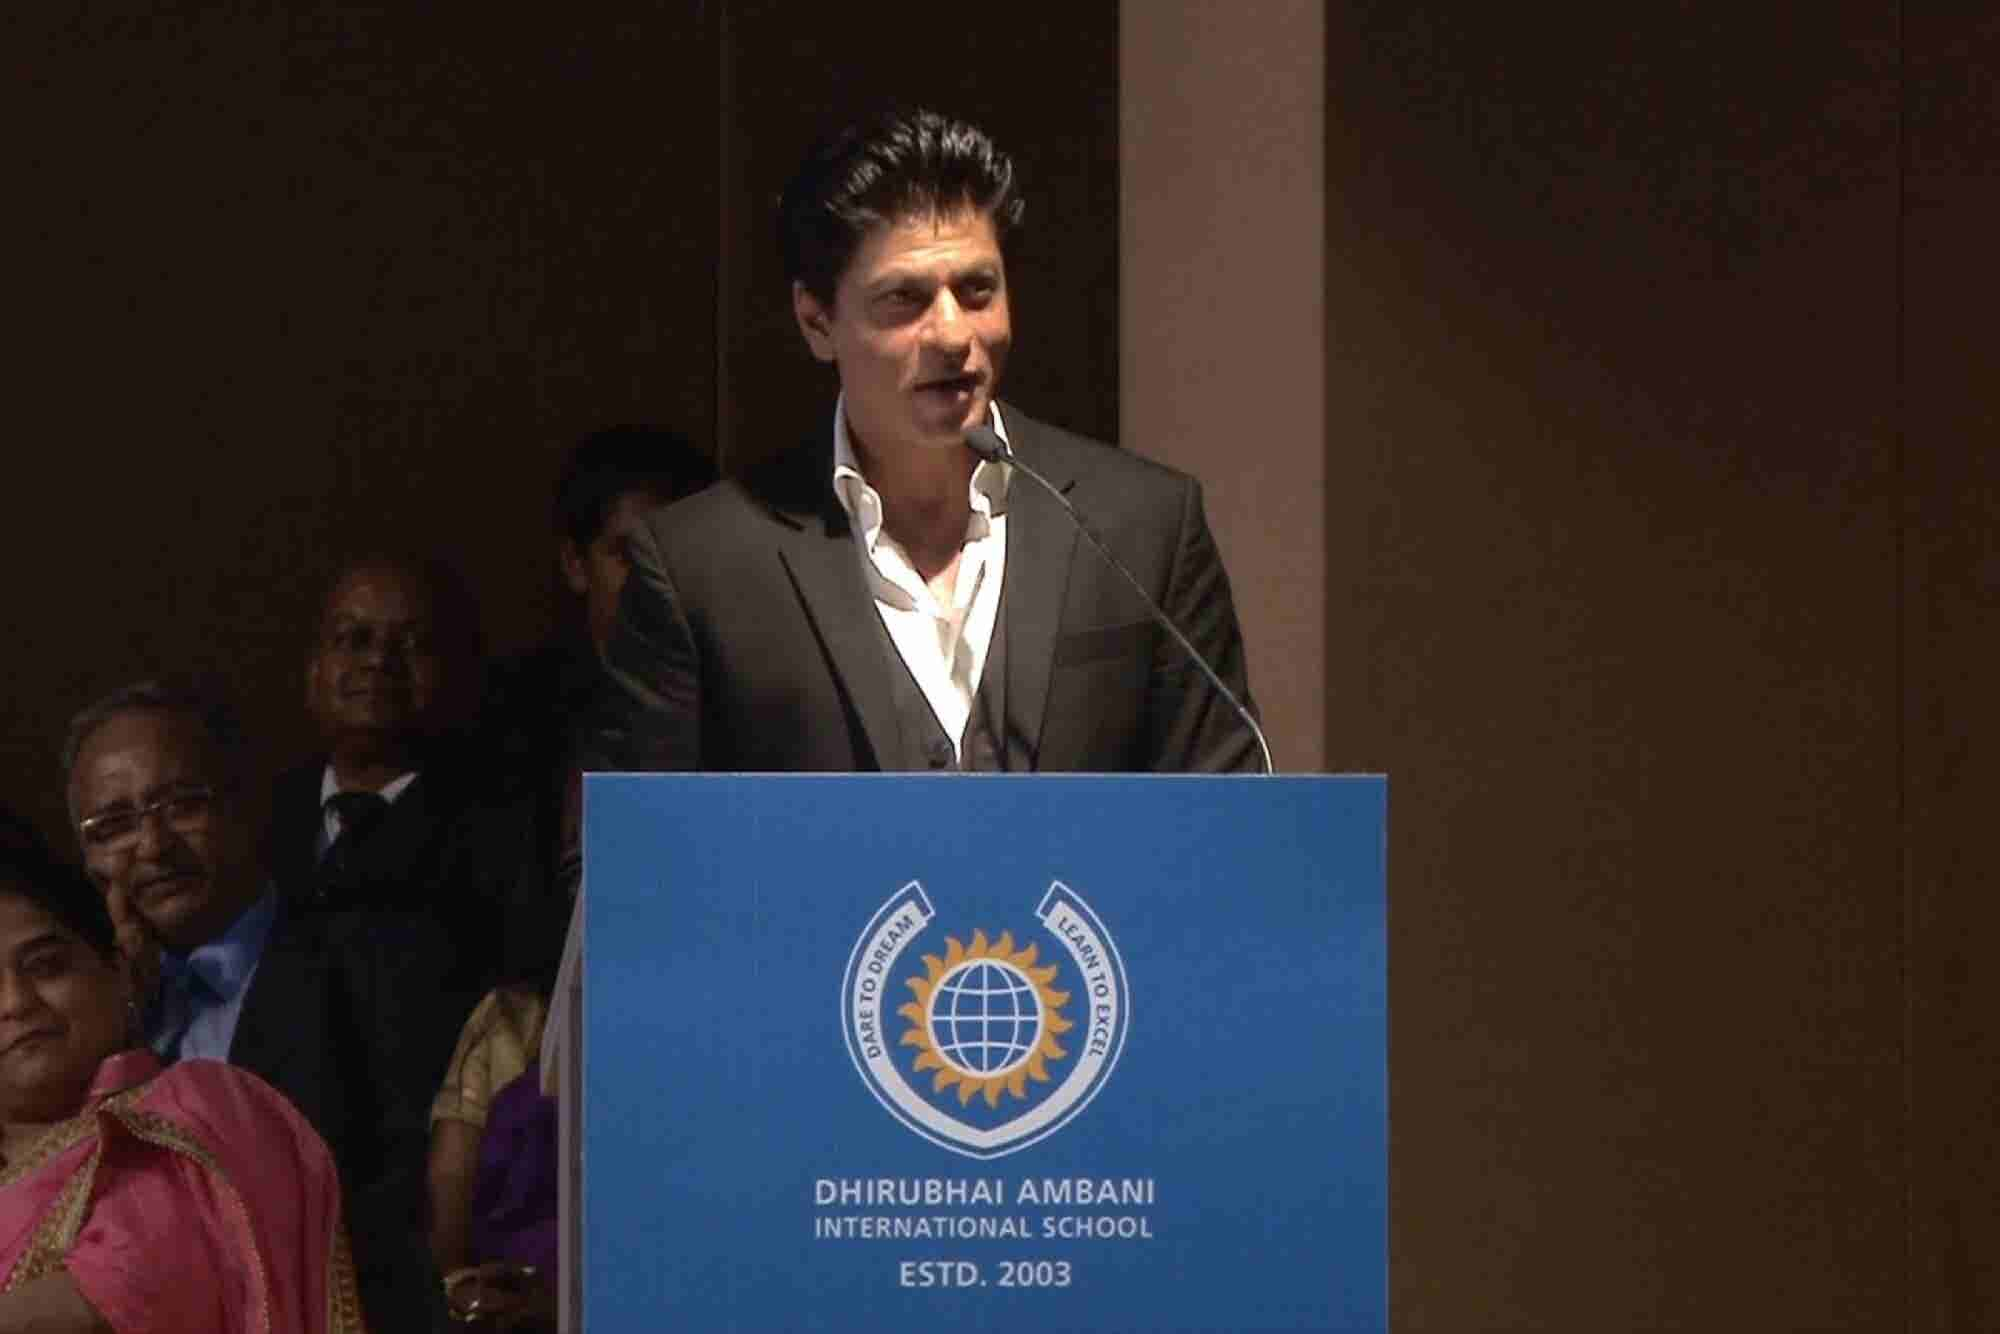 5 Learnings For Entrepreneurs From SRK's Recent Graduation Speech